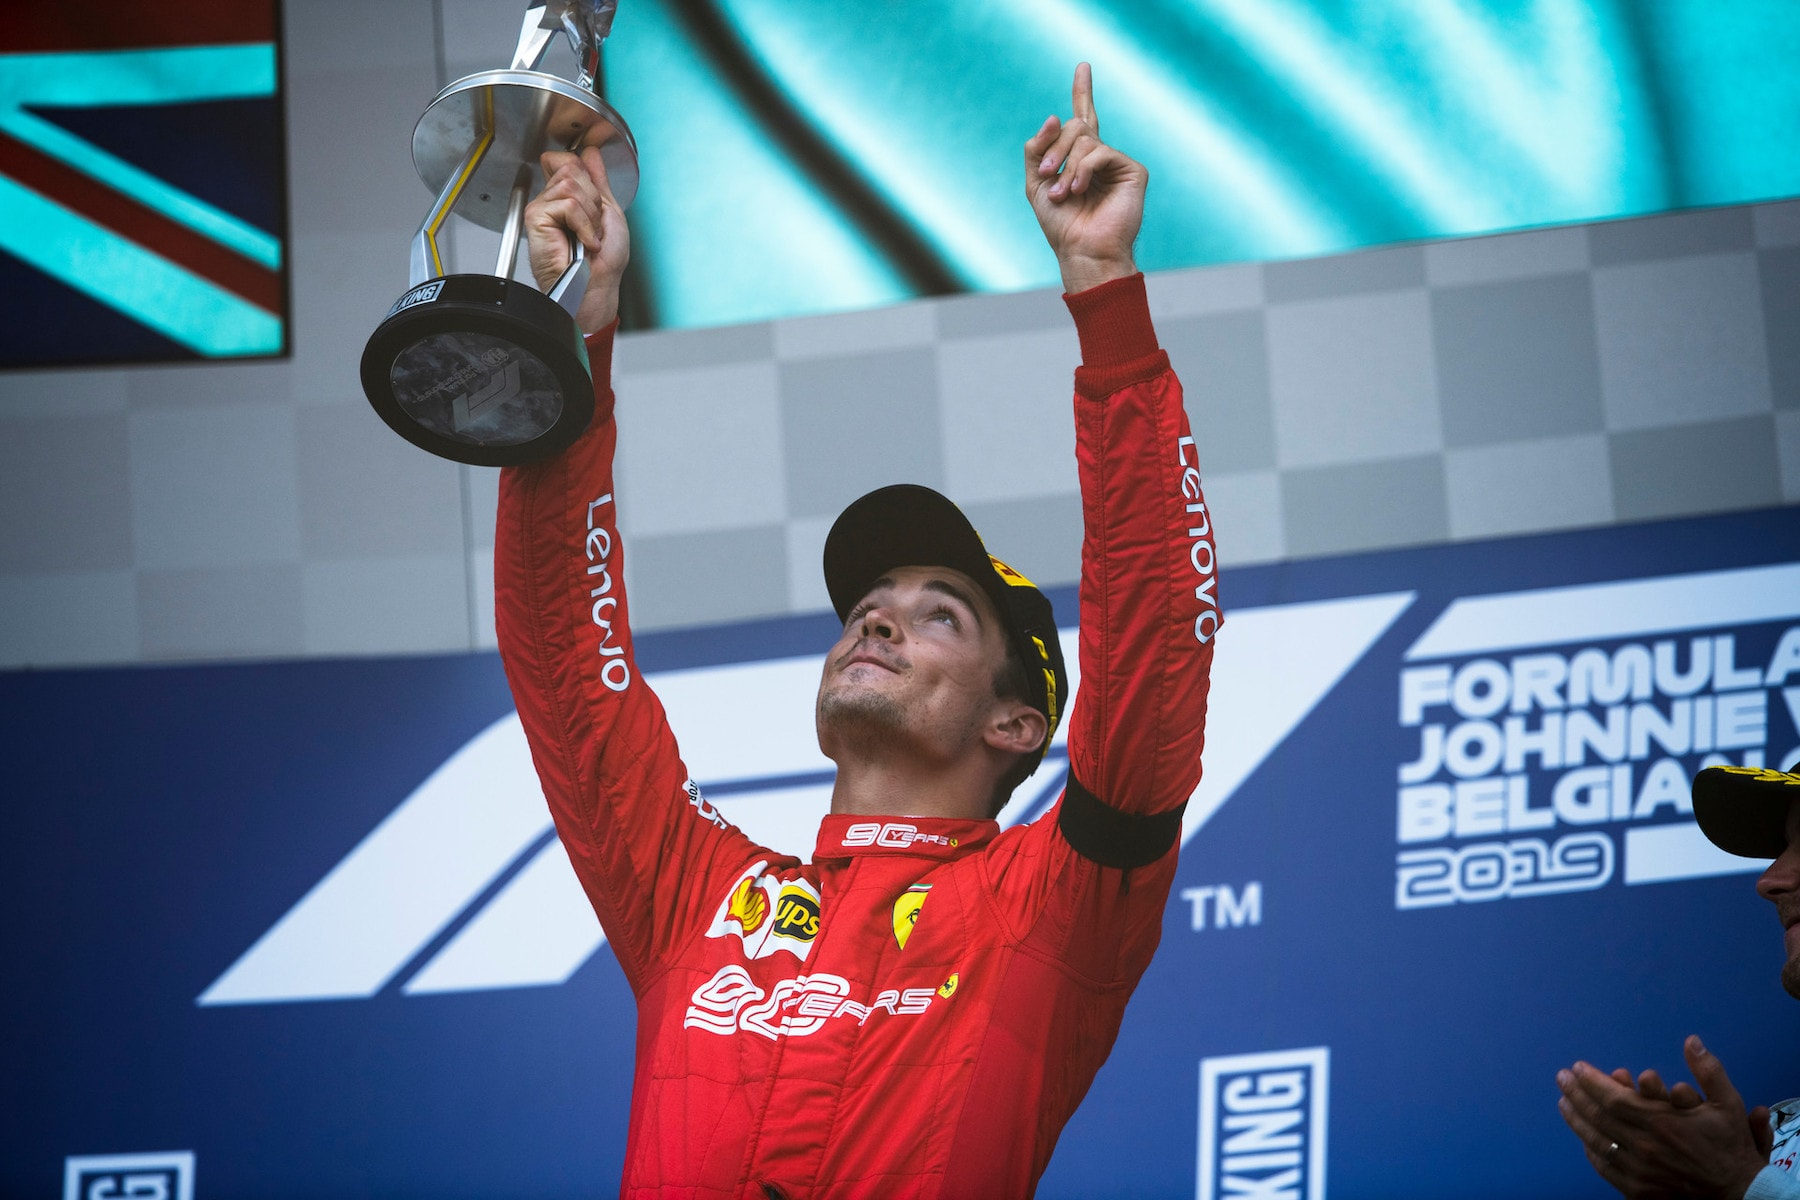 Charles Leclerc | Scuderia Ferrari | P1 at Belgium